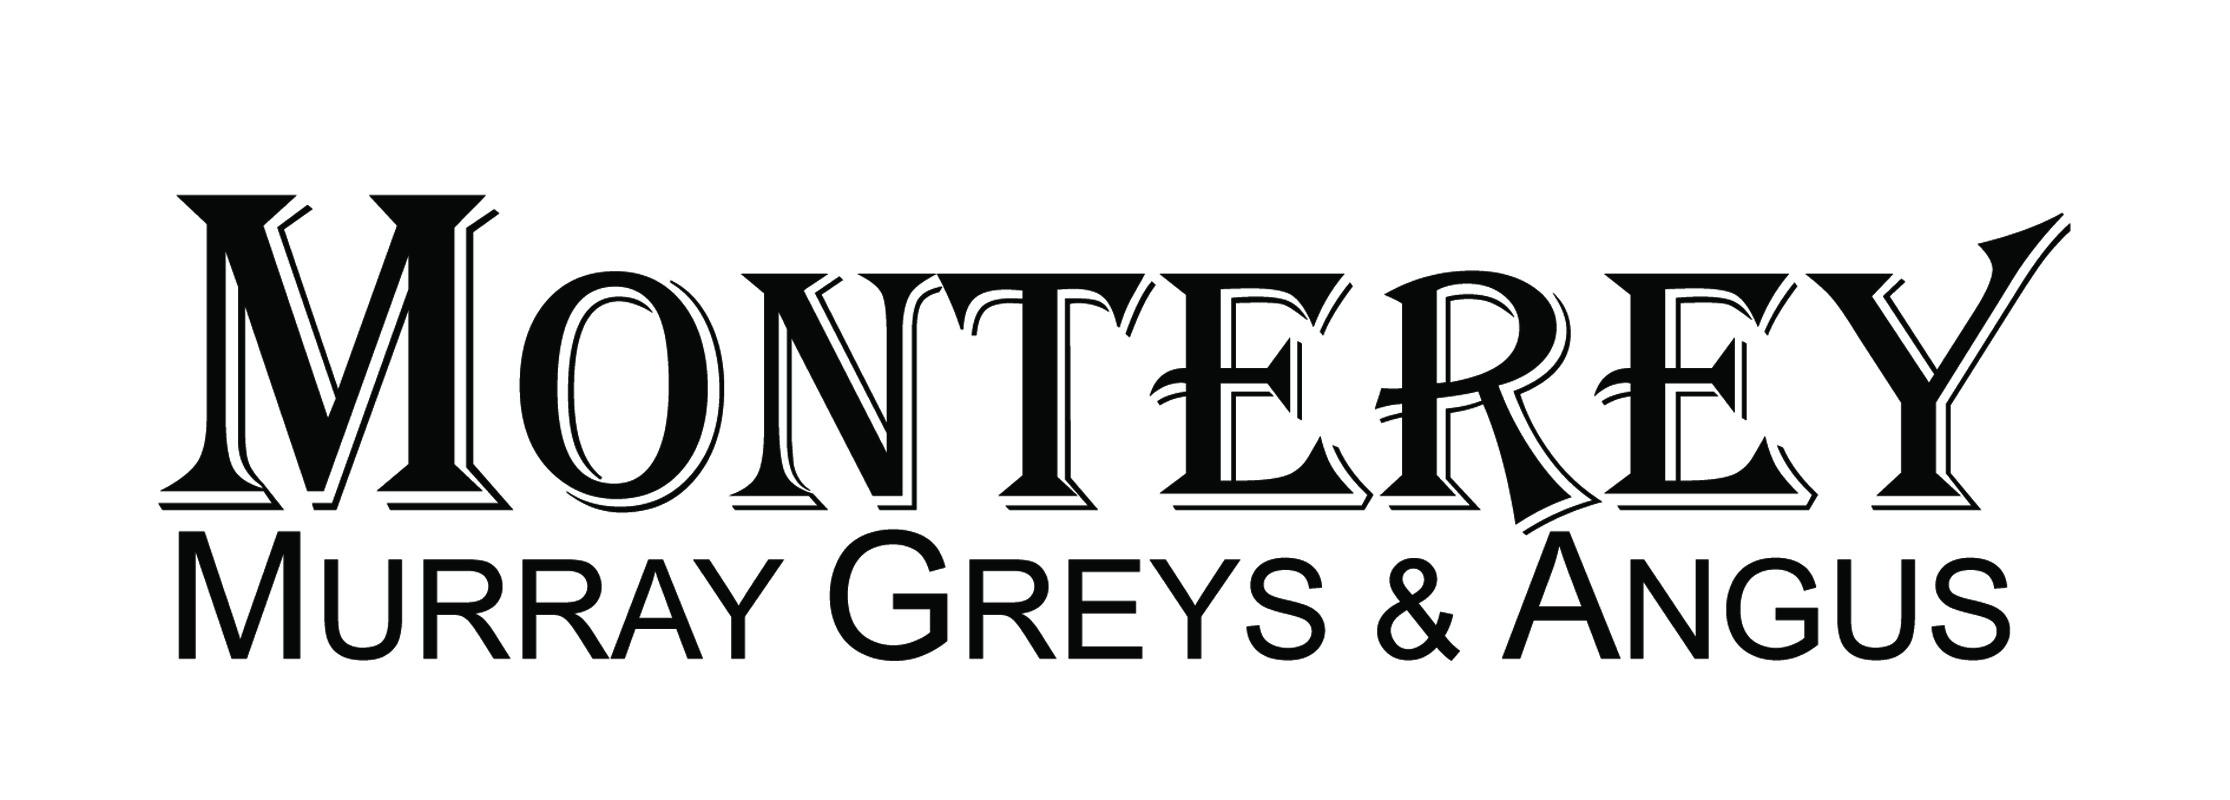 MONTEREY QUIET ACHIEVER Q50SV